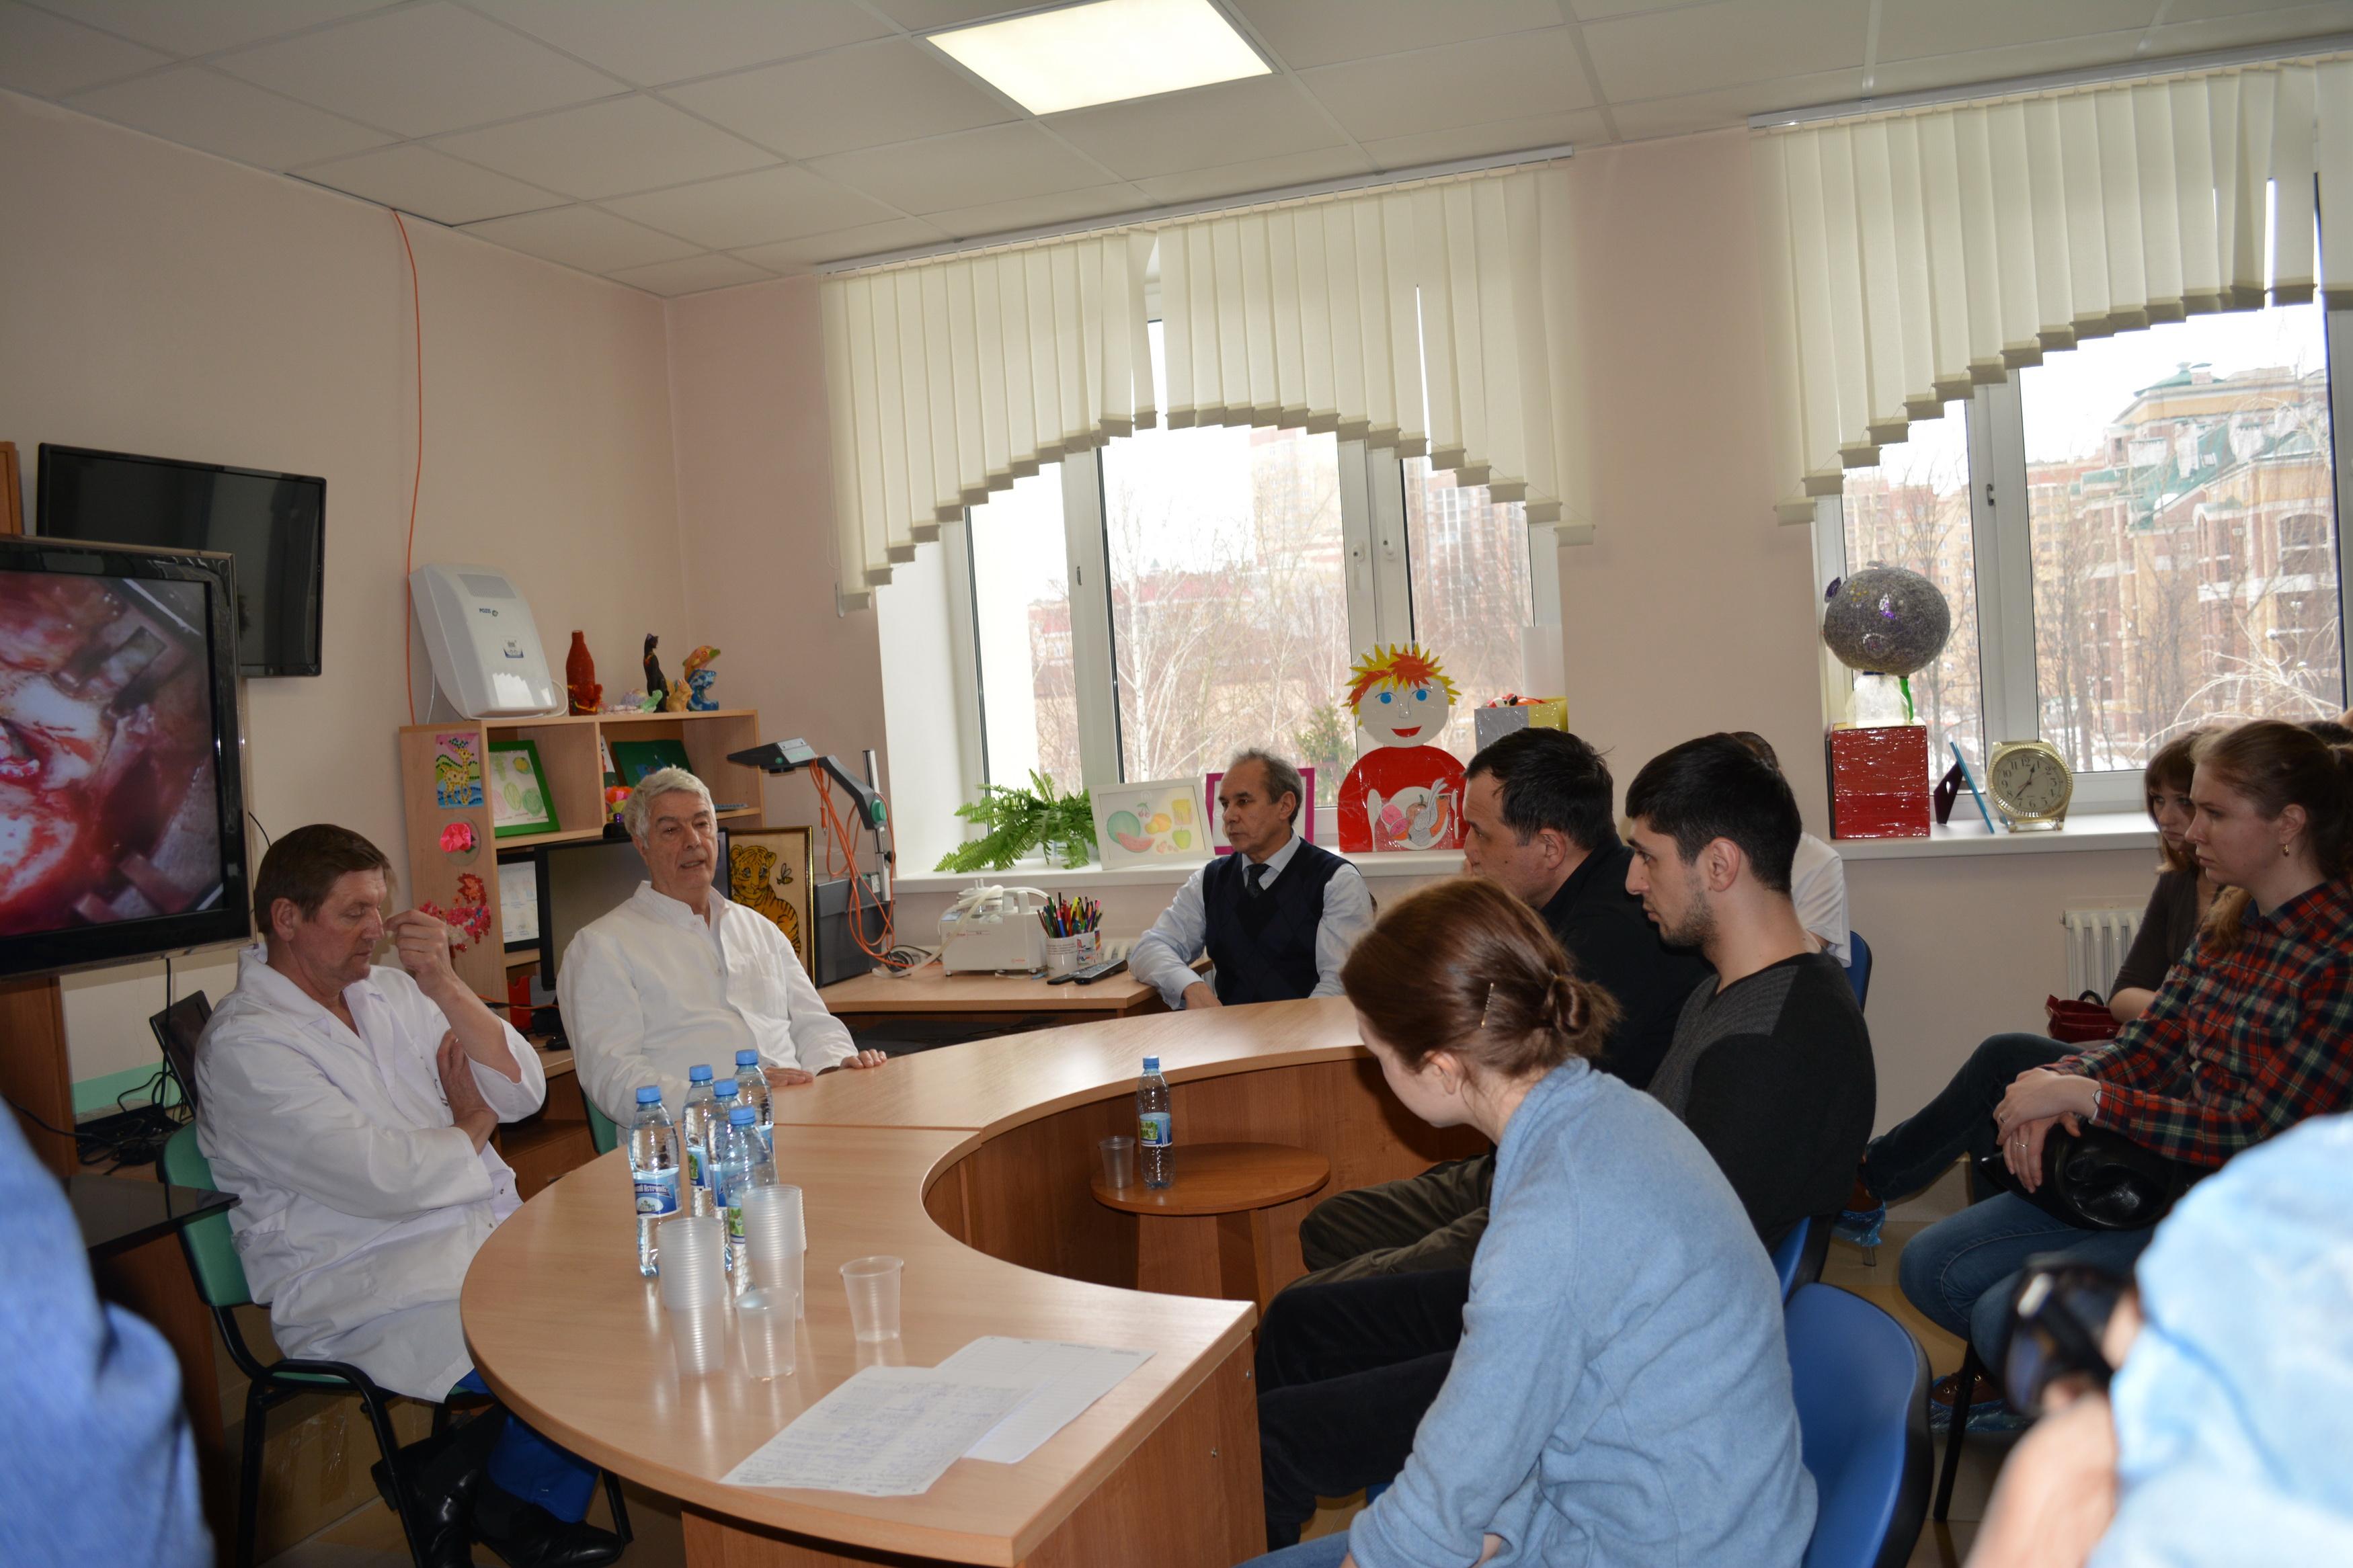 Дневные стационары при больницах москвы